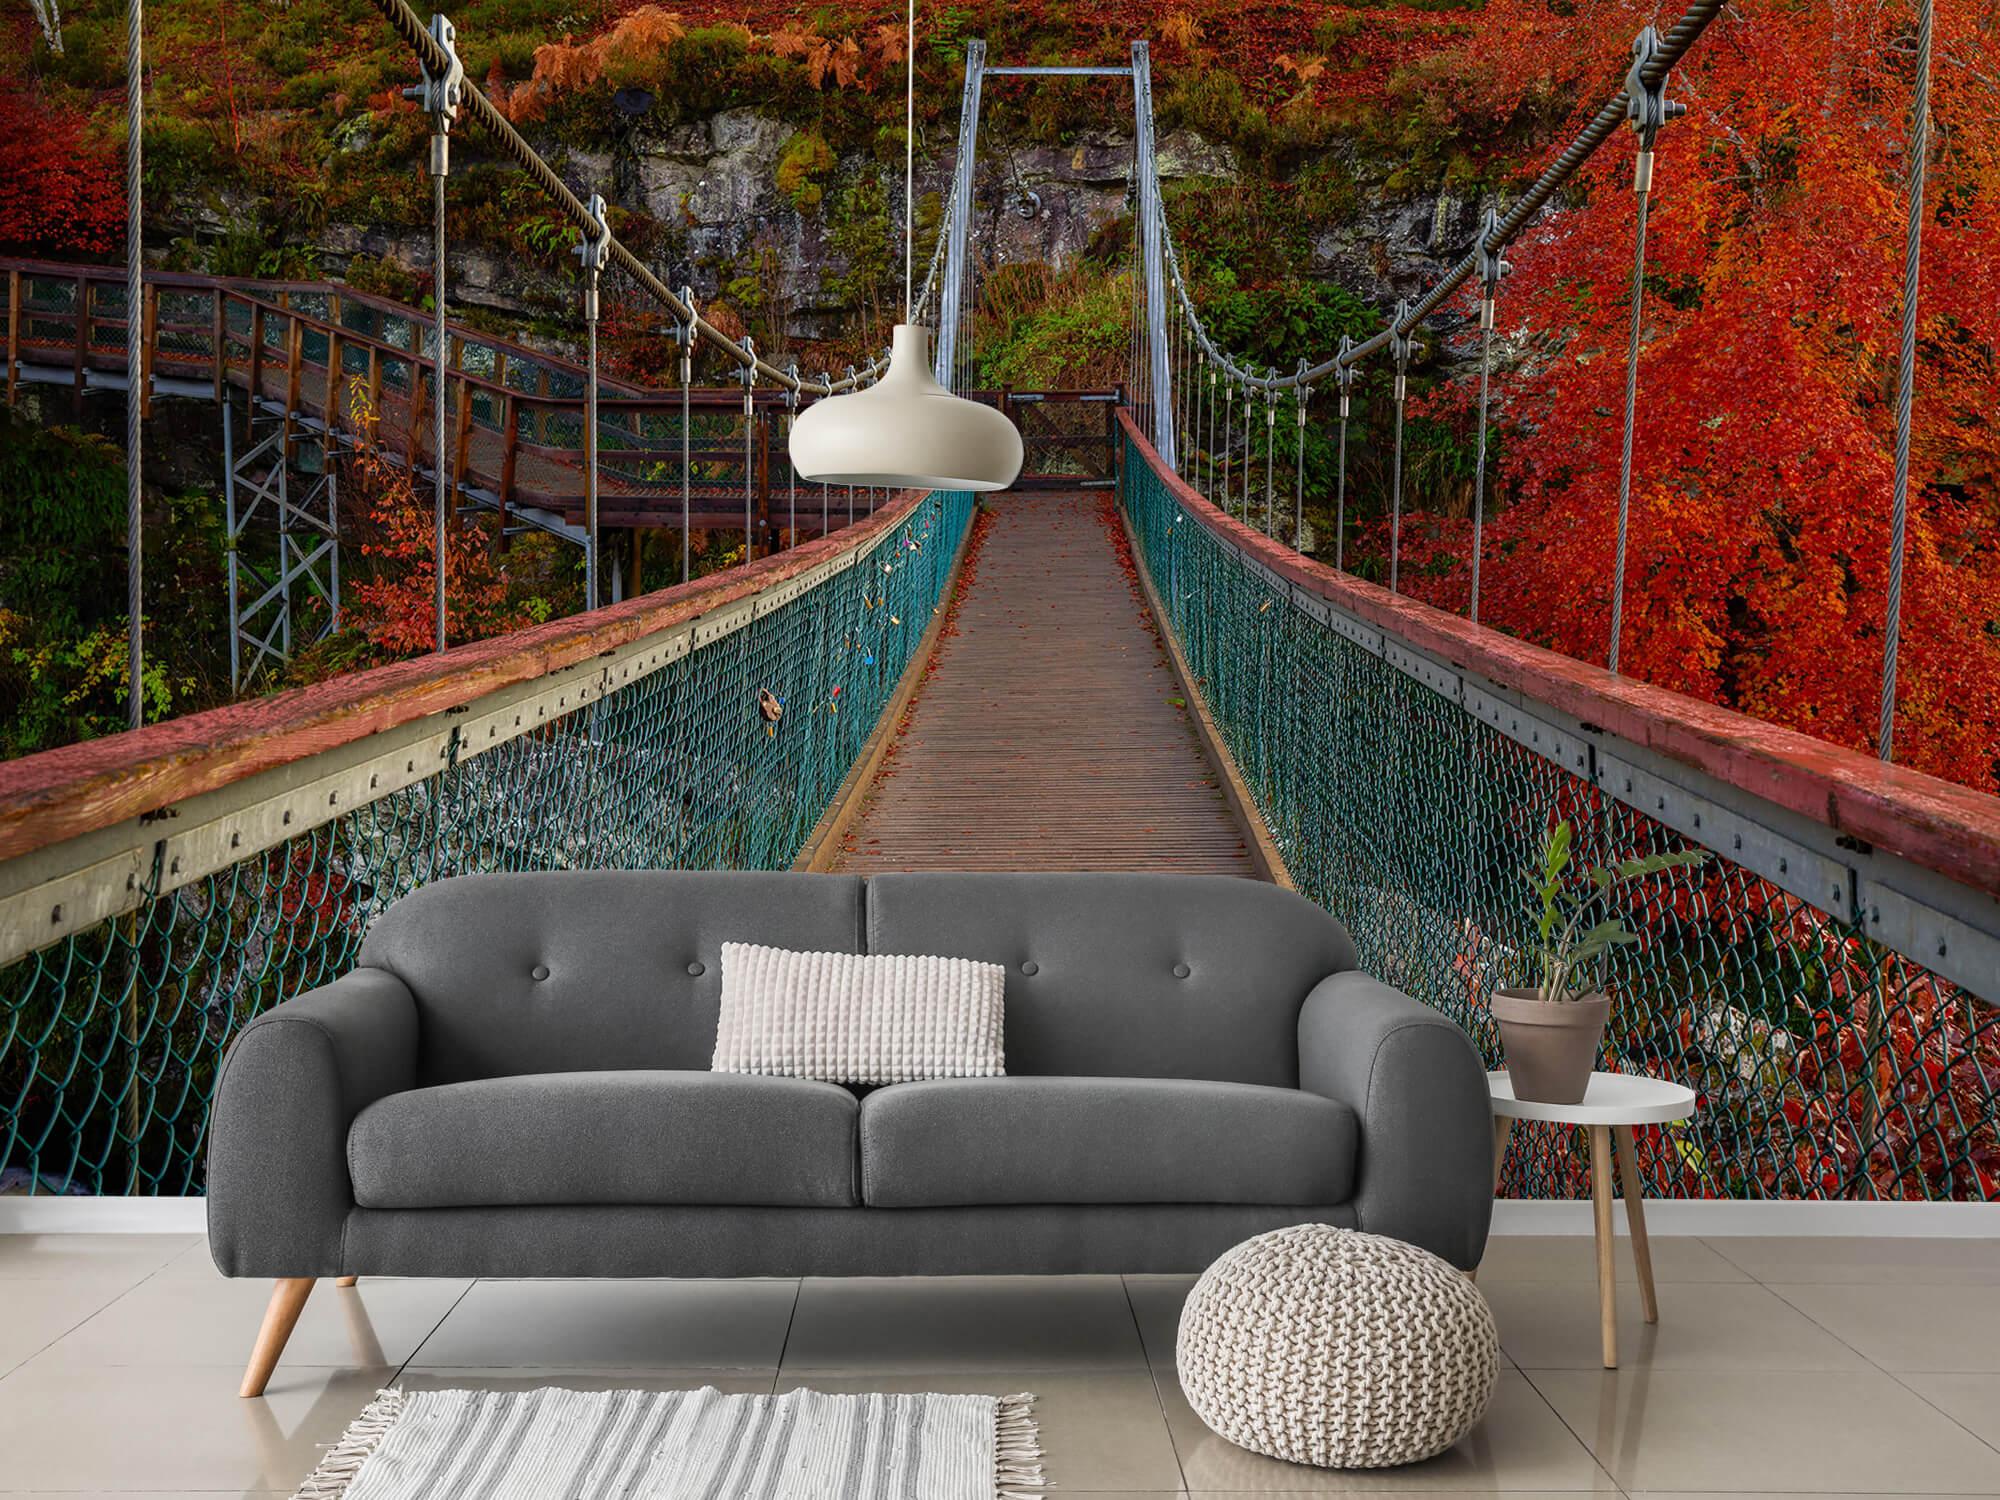 Herfst - Brug in herfstige omgeving - Slaapkamer 11